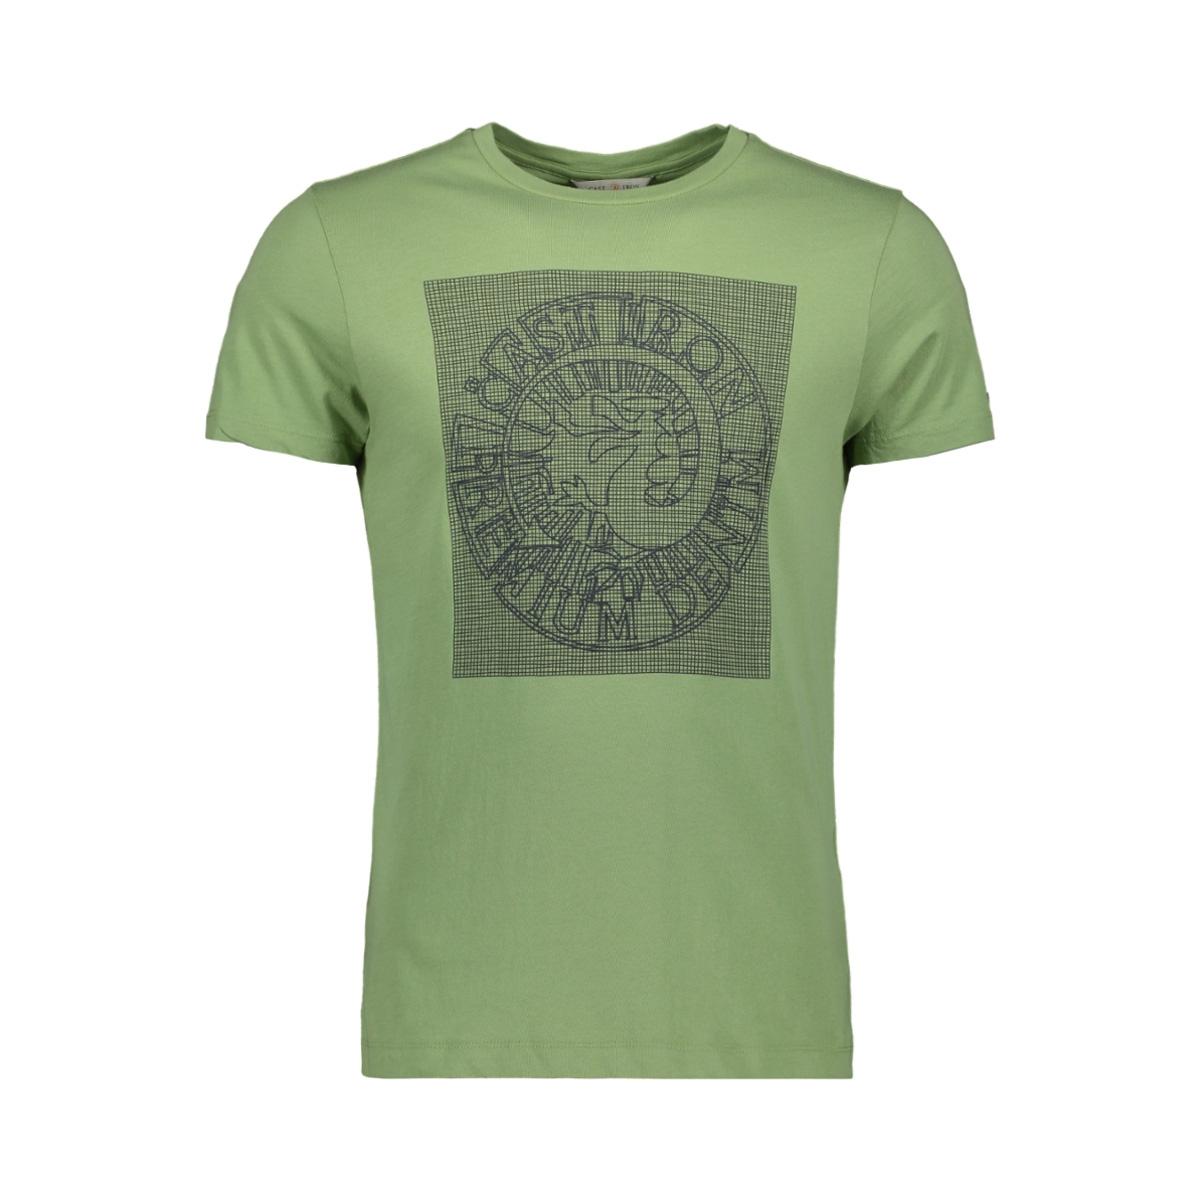 fine jersey rubber print logo t shirt ctss193302 cast iron t-shirt 6186